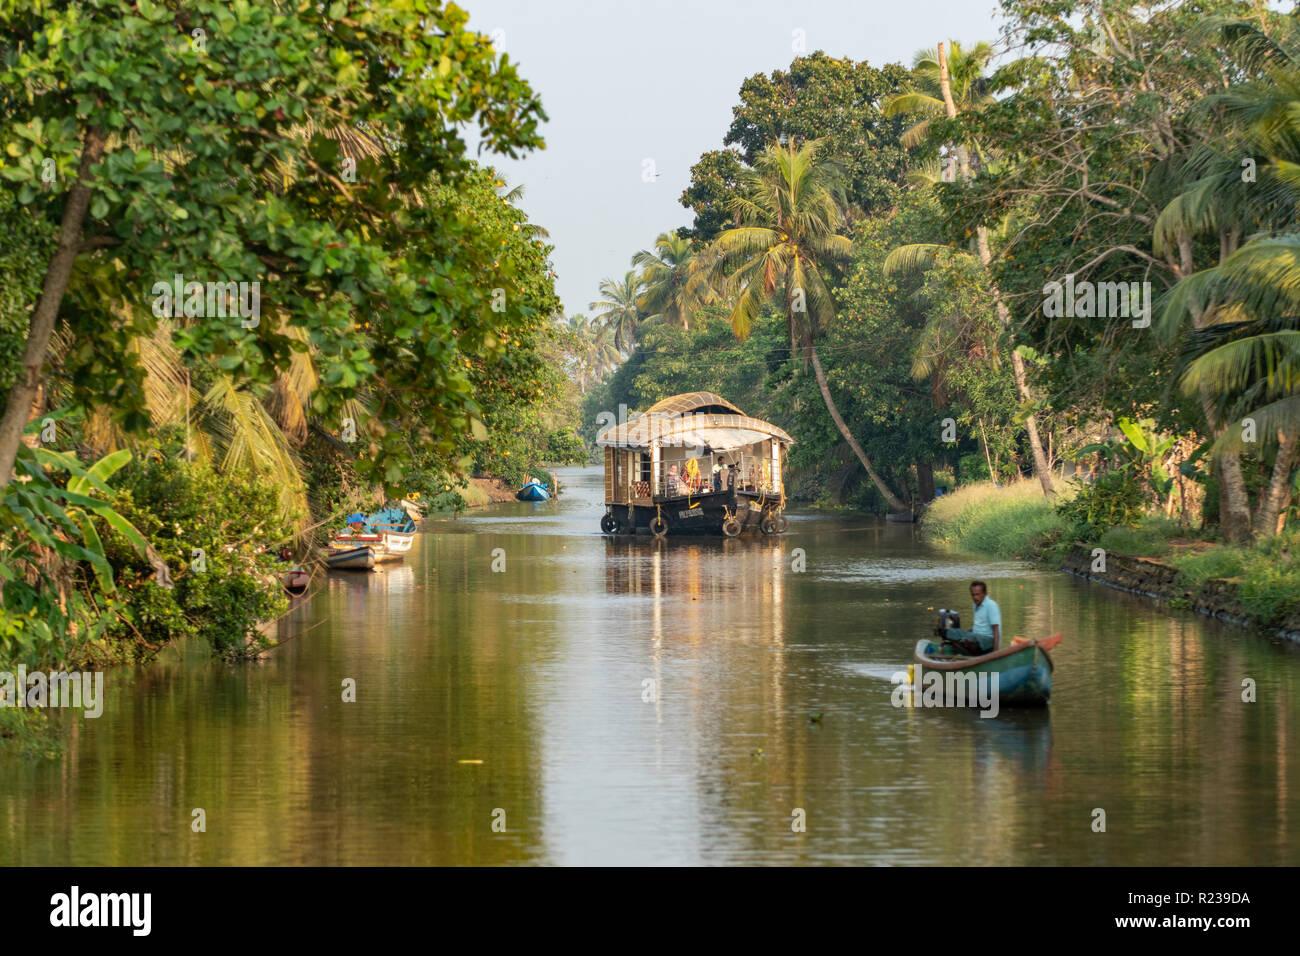 Casa galleggiante sulle acque del Kerala, nei pressi di Alleppey, Kerala, India Immagini Stock